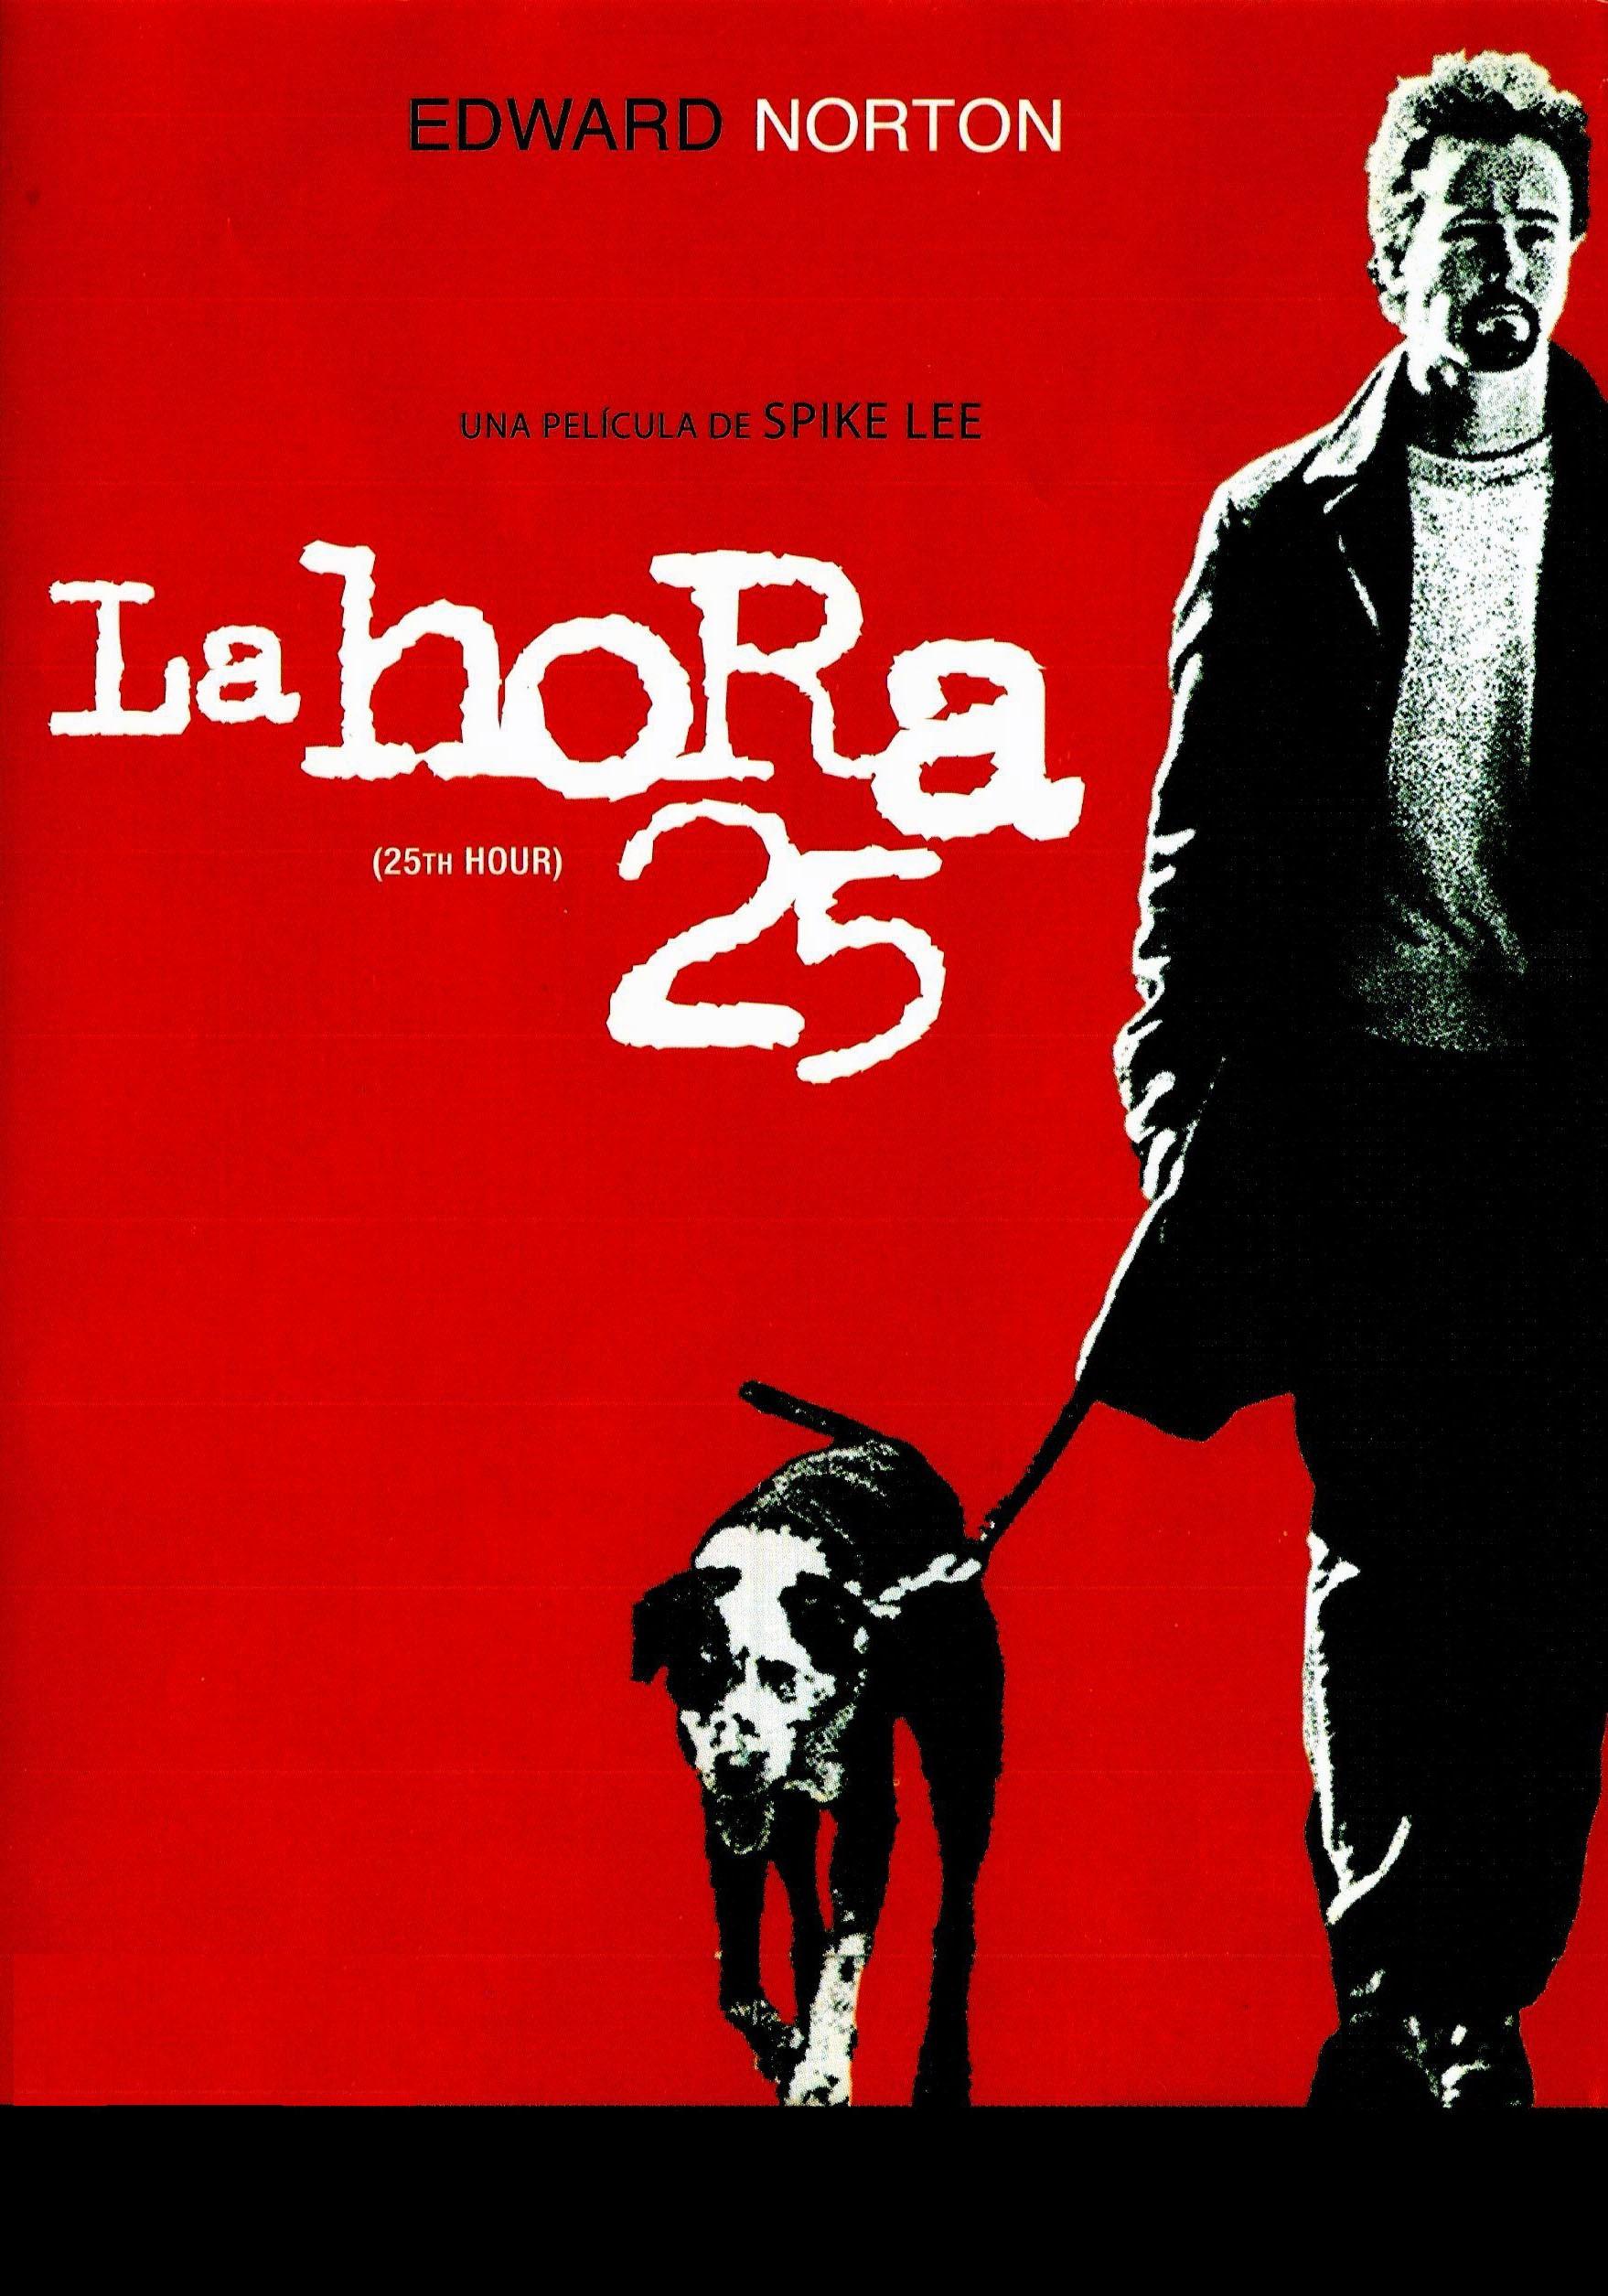 La hora 25 (2002)